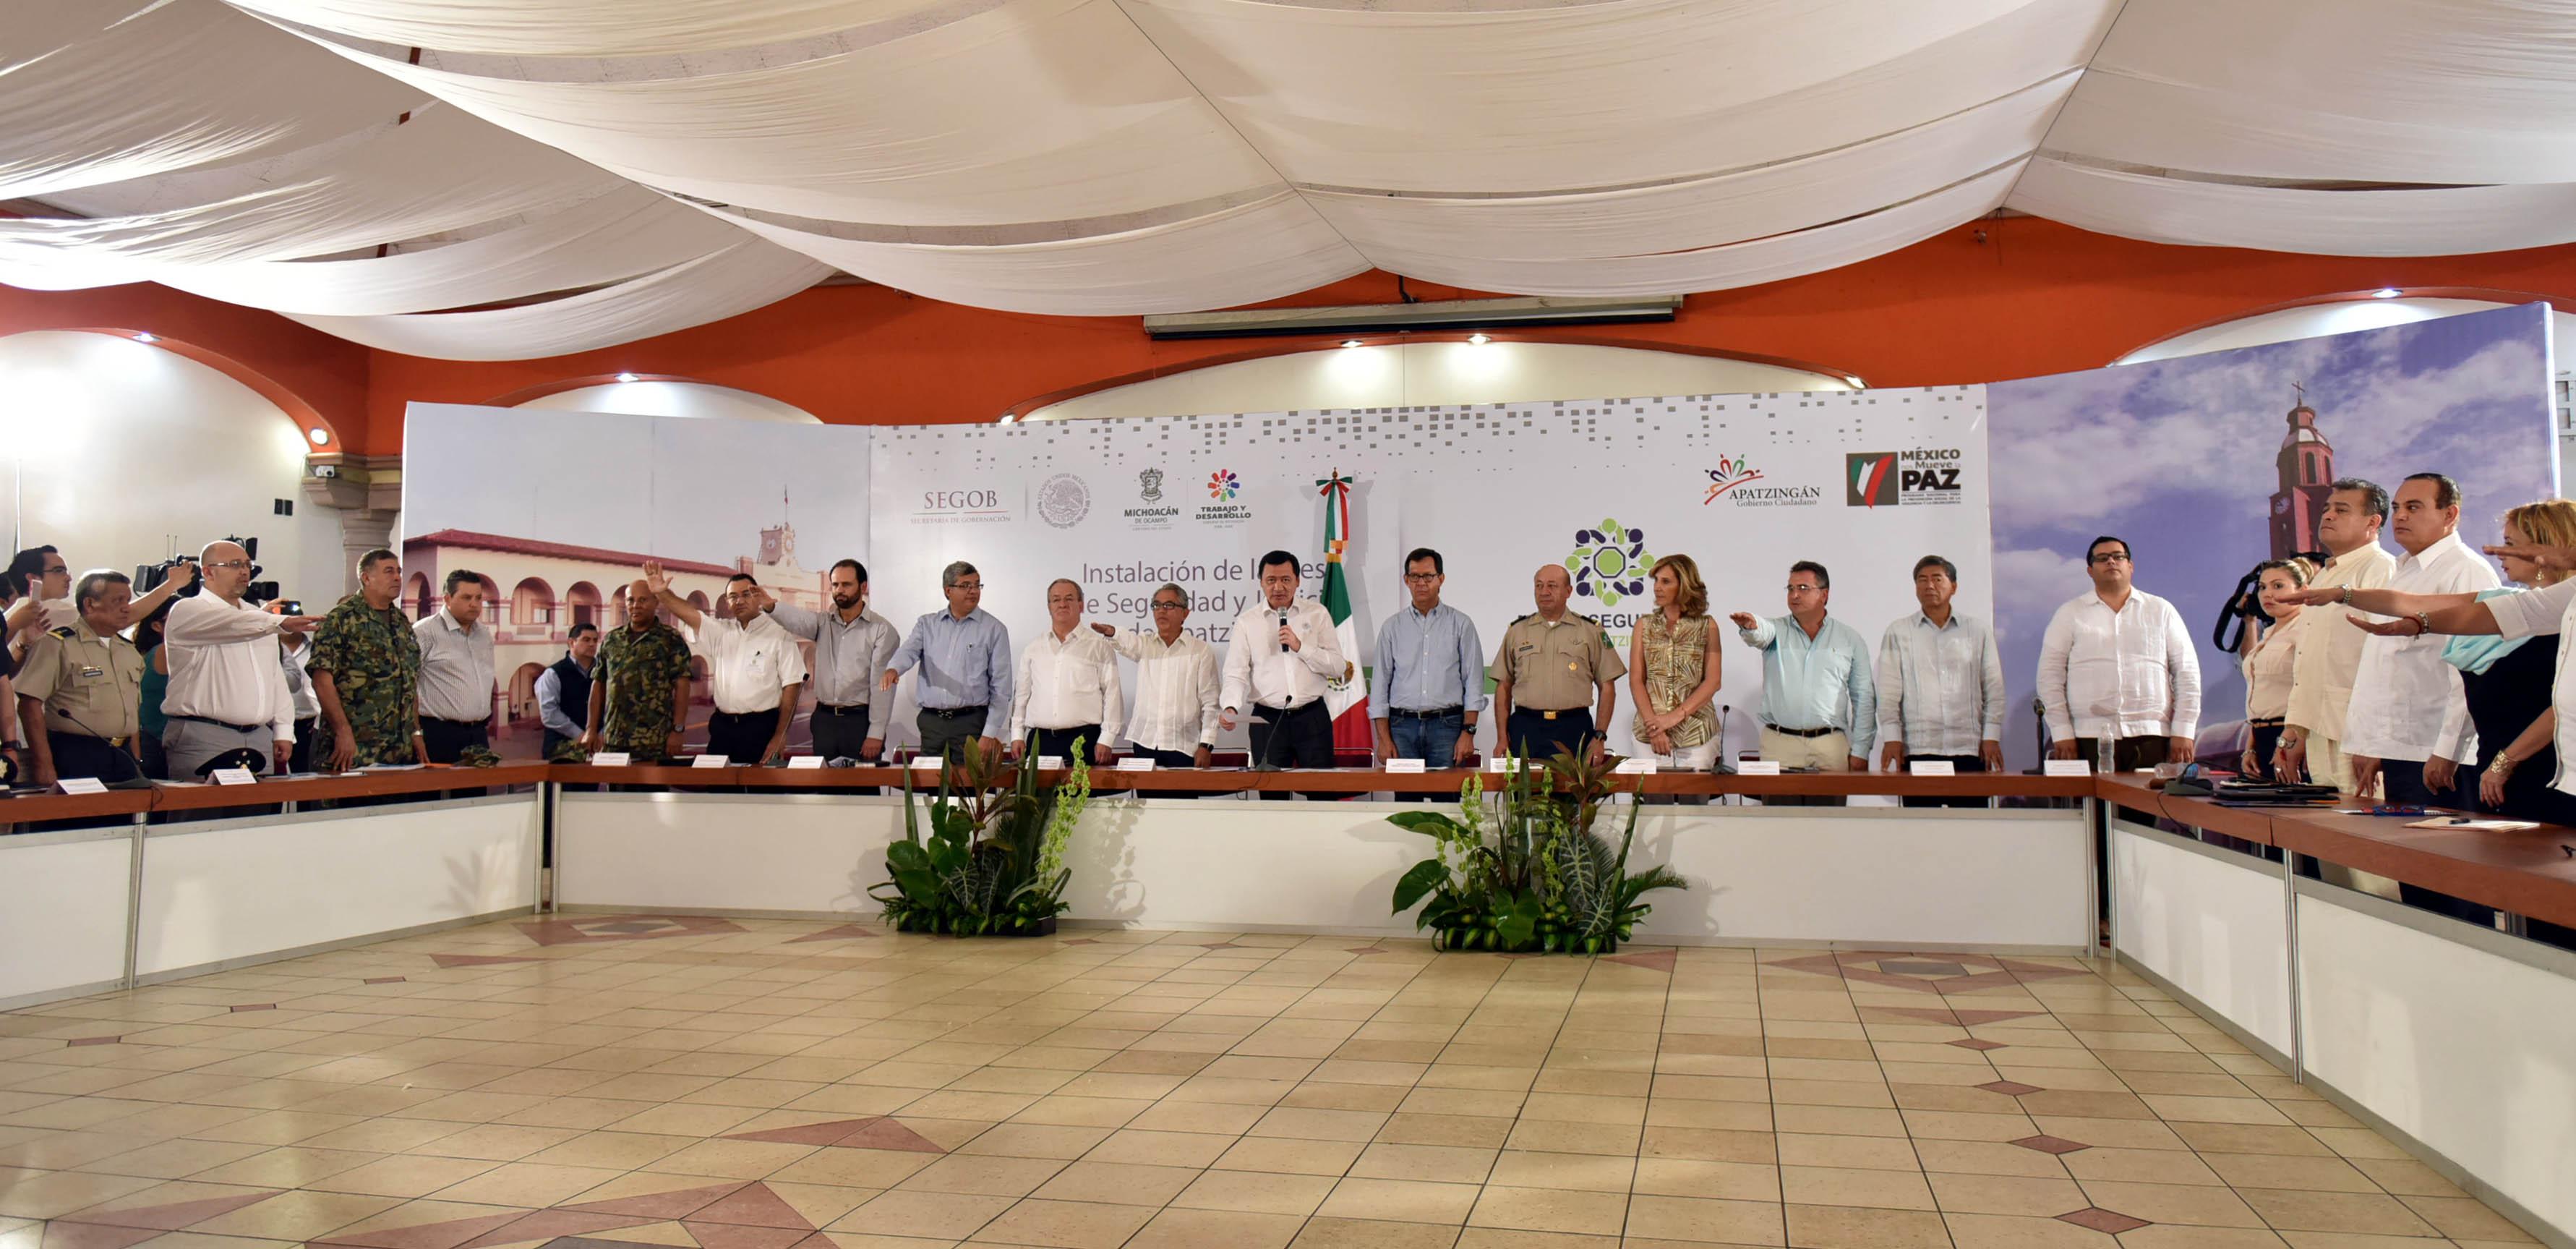 Instalación de la Mesa de Seguridad y Justicia de Apatzingán, Michoacán